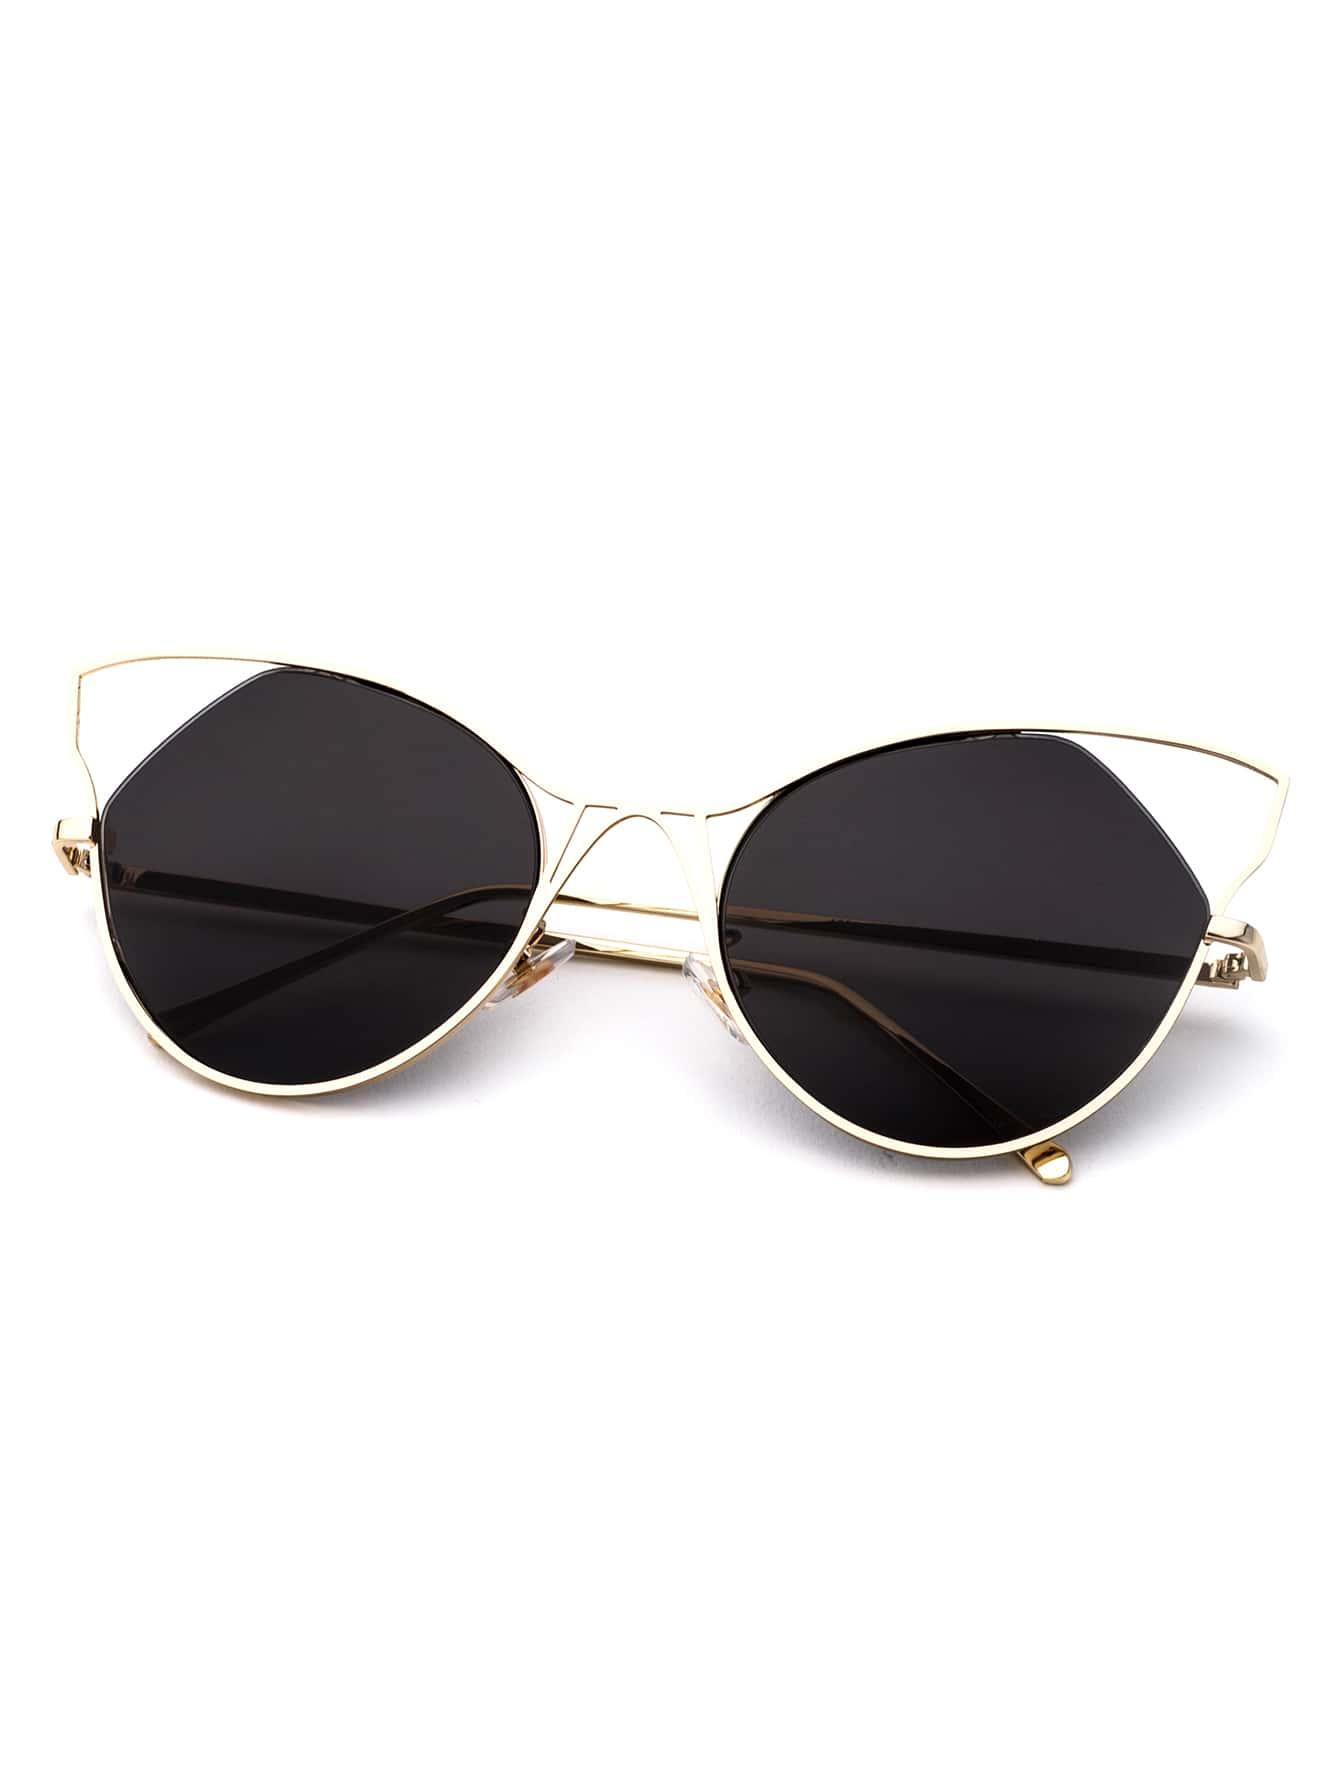 Gold Frame Cat Eye Sunglasses : Gold Frame Black Cat Eye Sunglasses -SheIn(Sheinside)